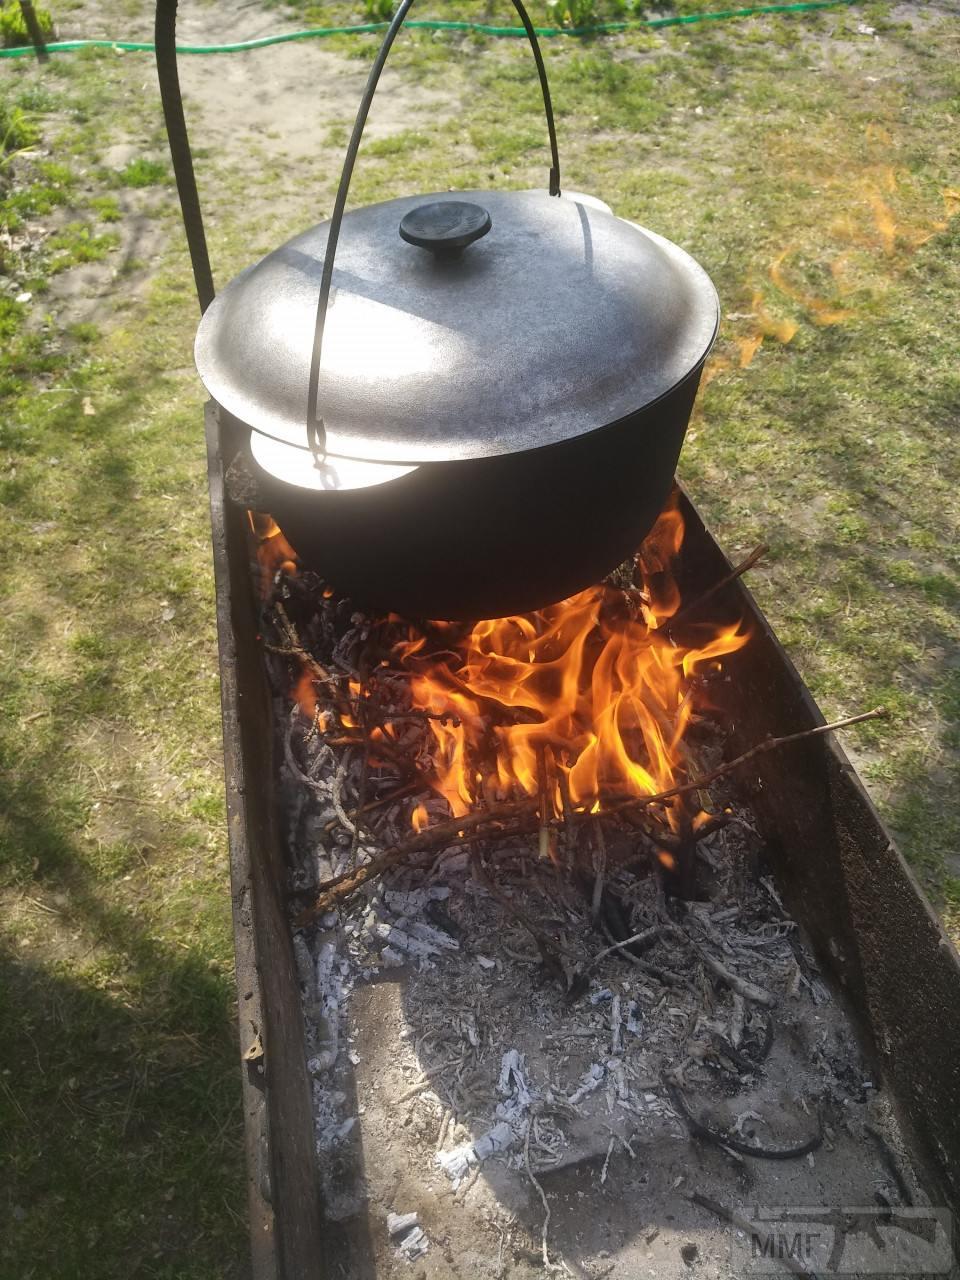 99117 - Закуски на огне (мангал, барбекю и т.д.) и кулинария вообще. Советы и рецепты.